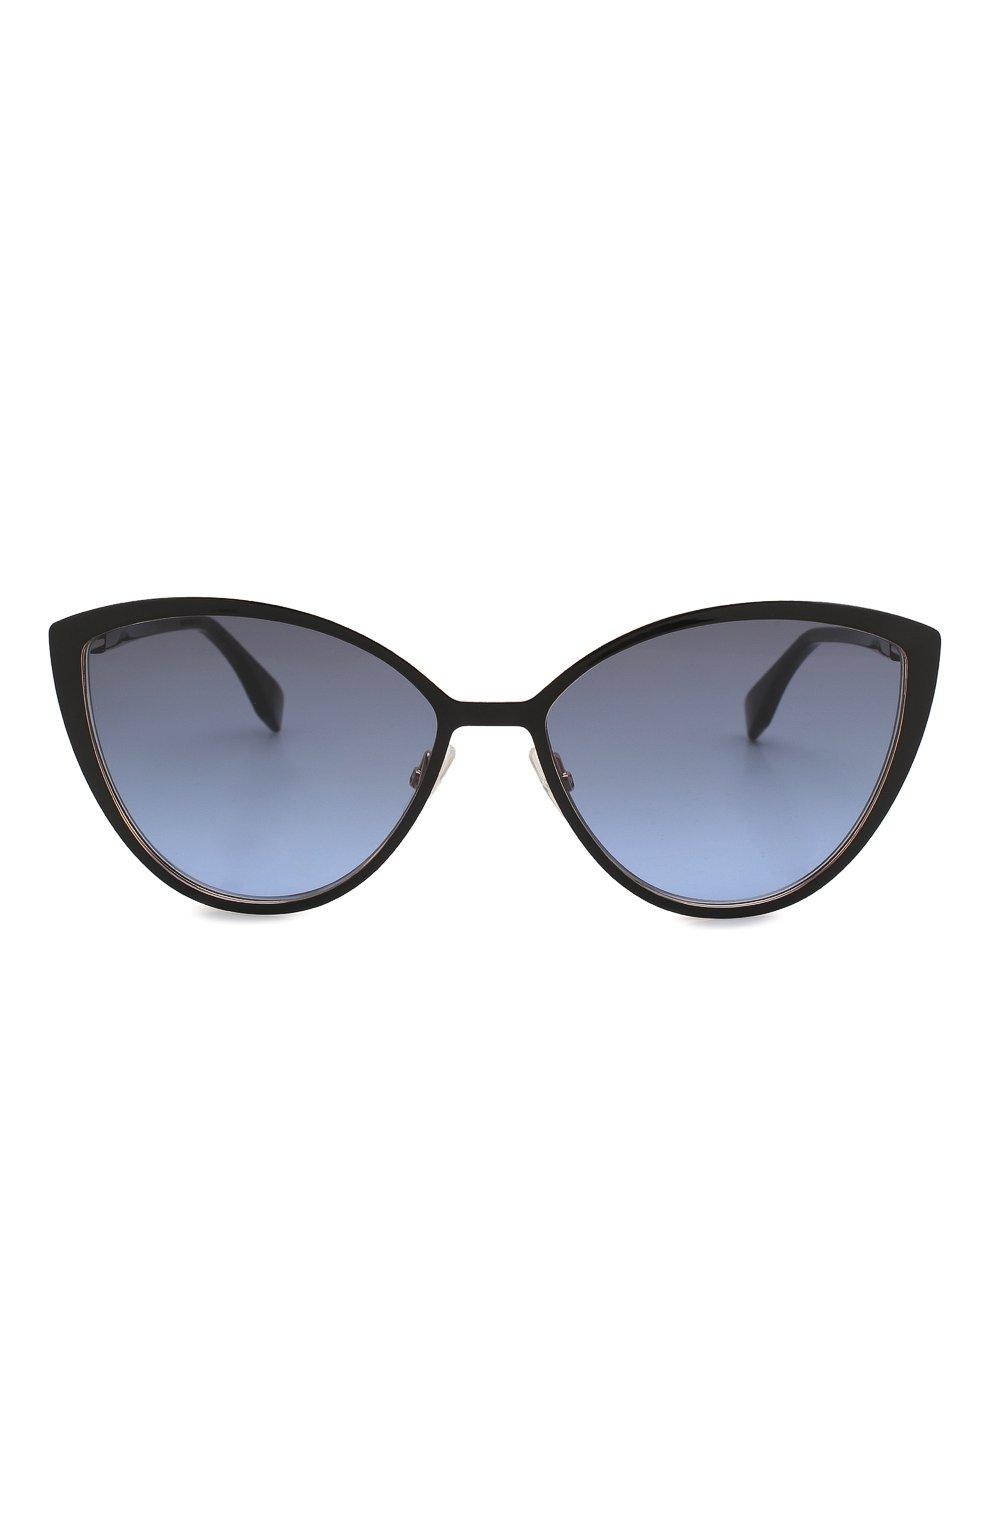 Женские солнцезащитные очки FENDI черного цвета, арт. 0413 2M2   Фото 3